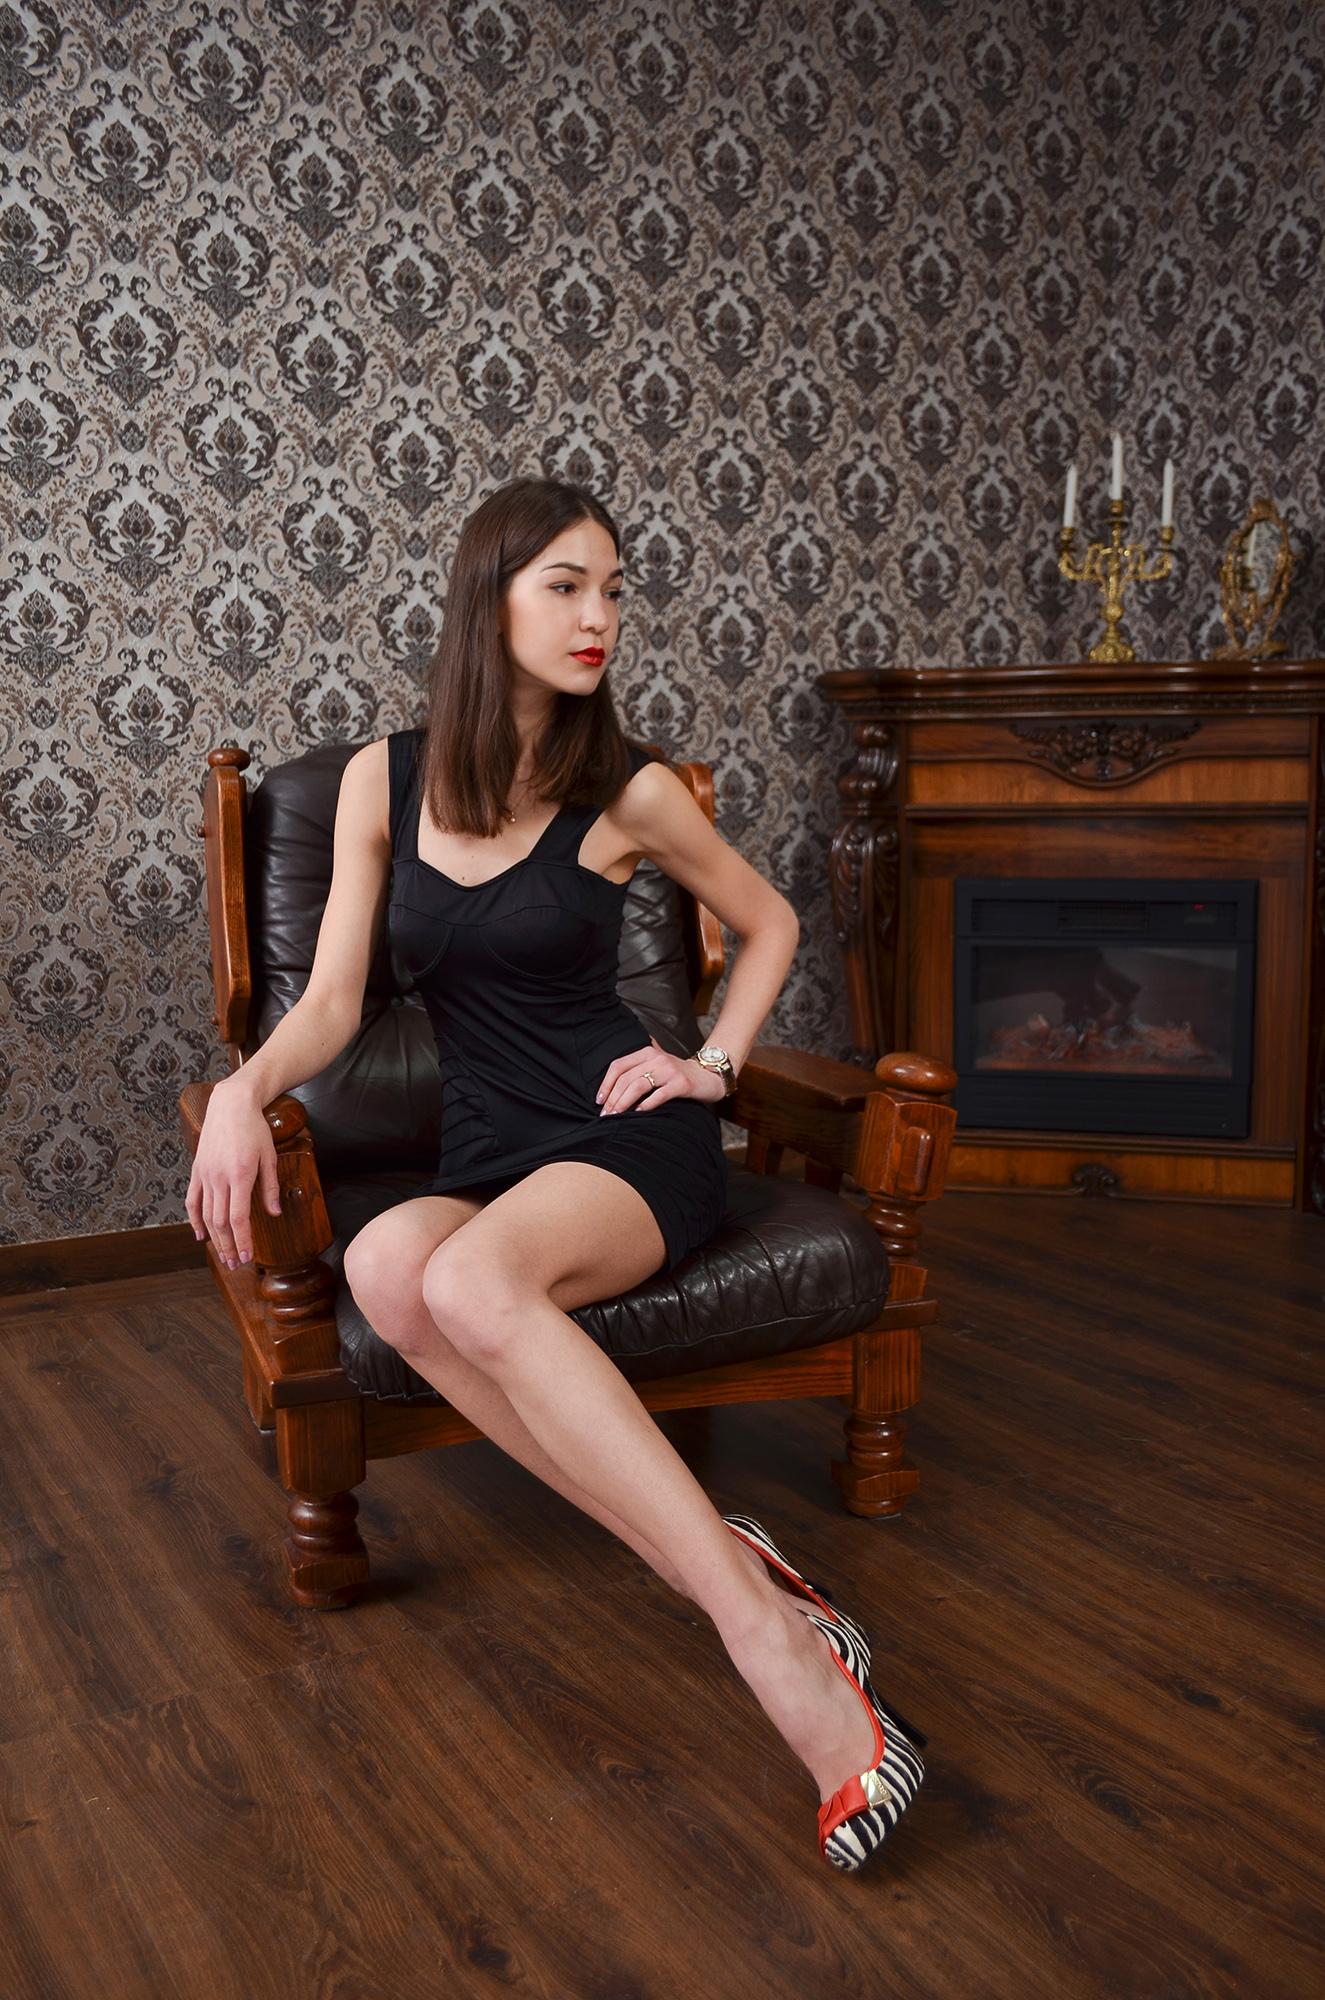 девушка в кресле на 8 марта, девушка в студии